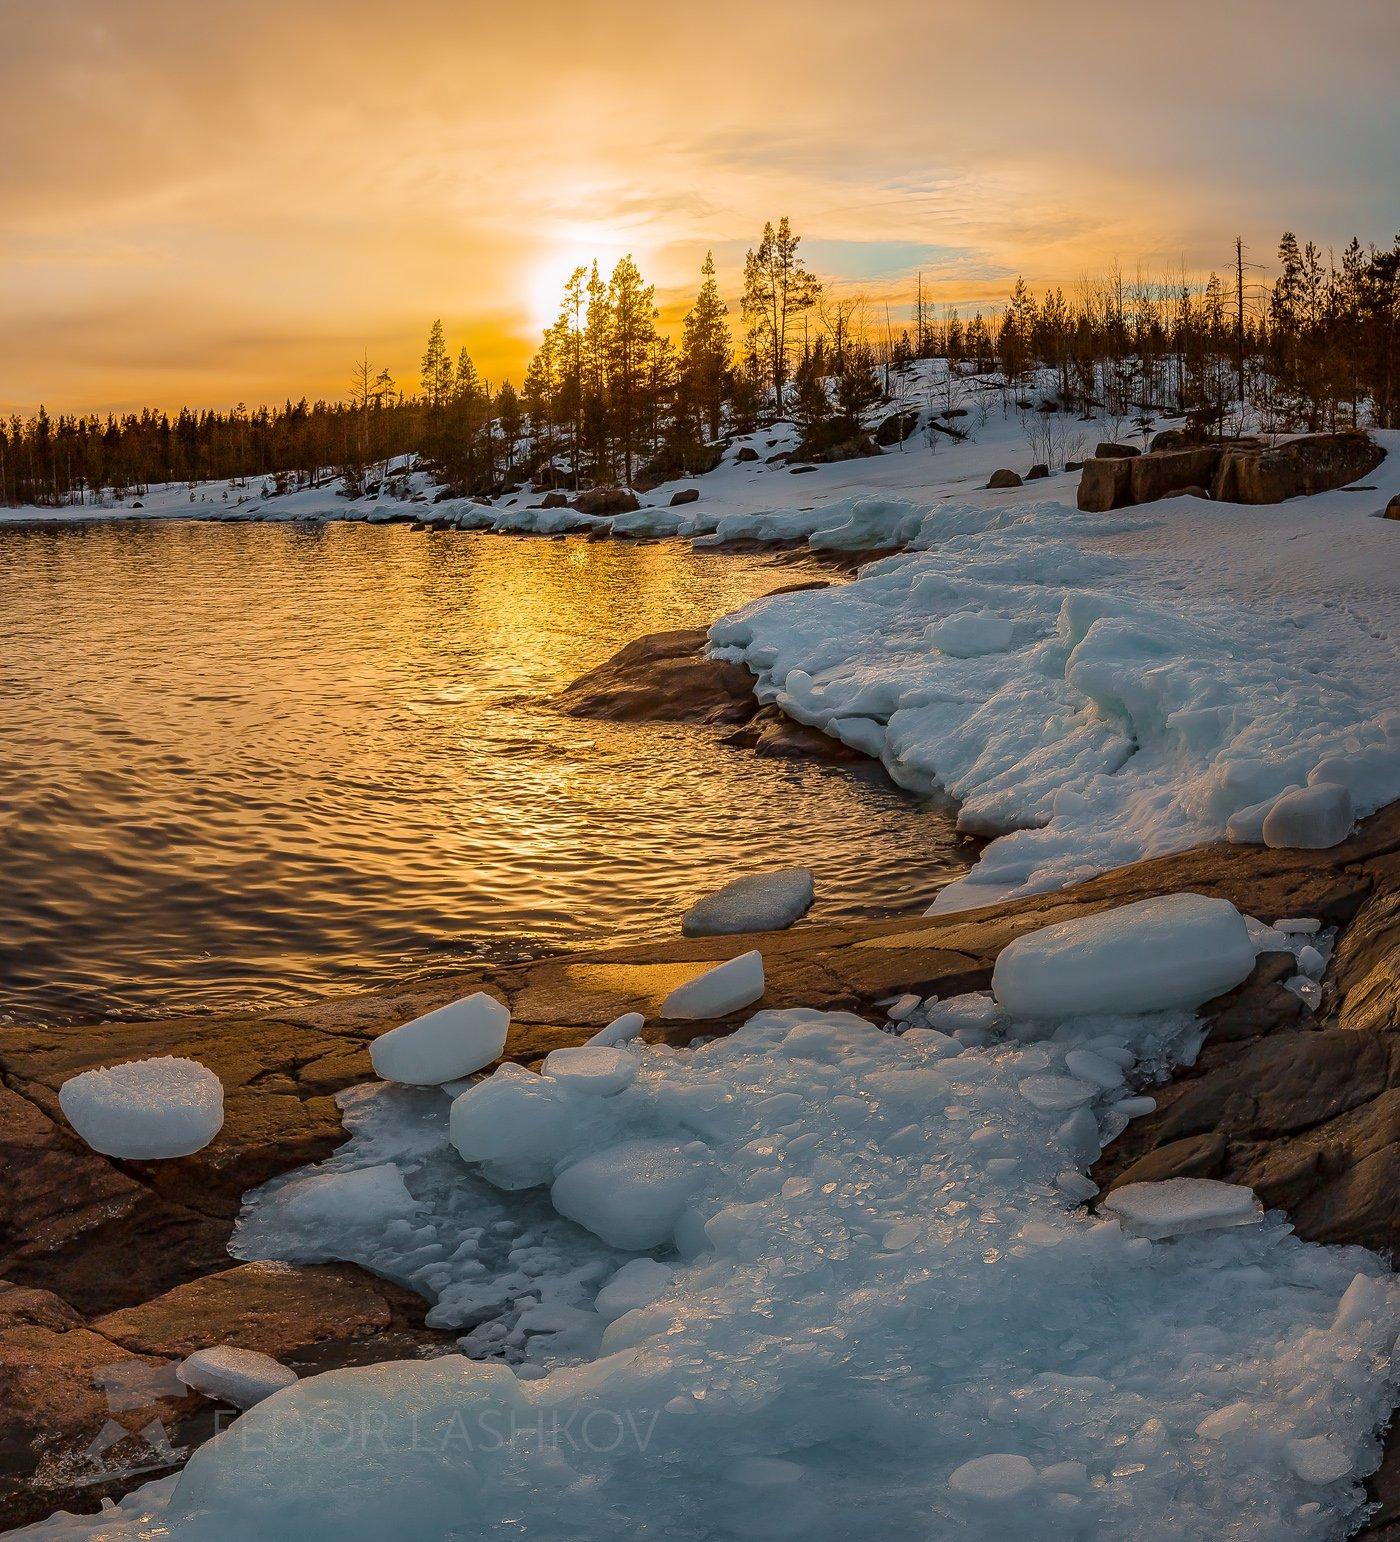 ладожское озеро, карелия, зима, в снегу, закат, облака, снег, зимнее, камни, лёд, льдины, отражение, вода, бухта, залив,, Лашков Фёдор